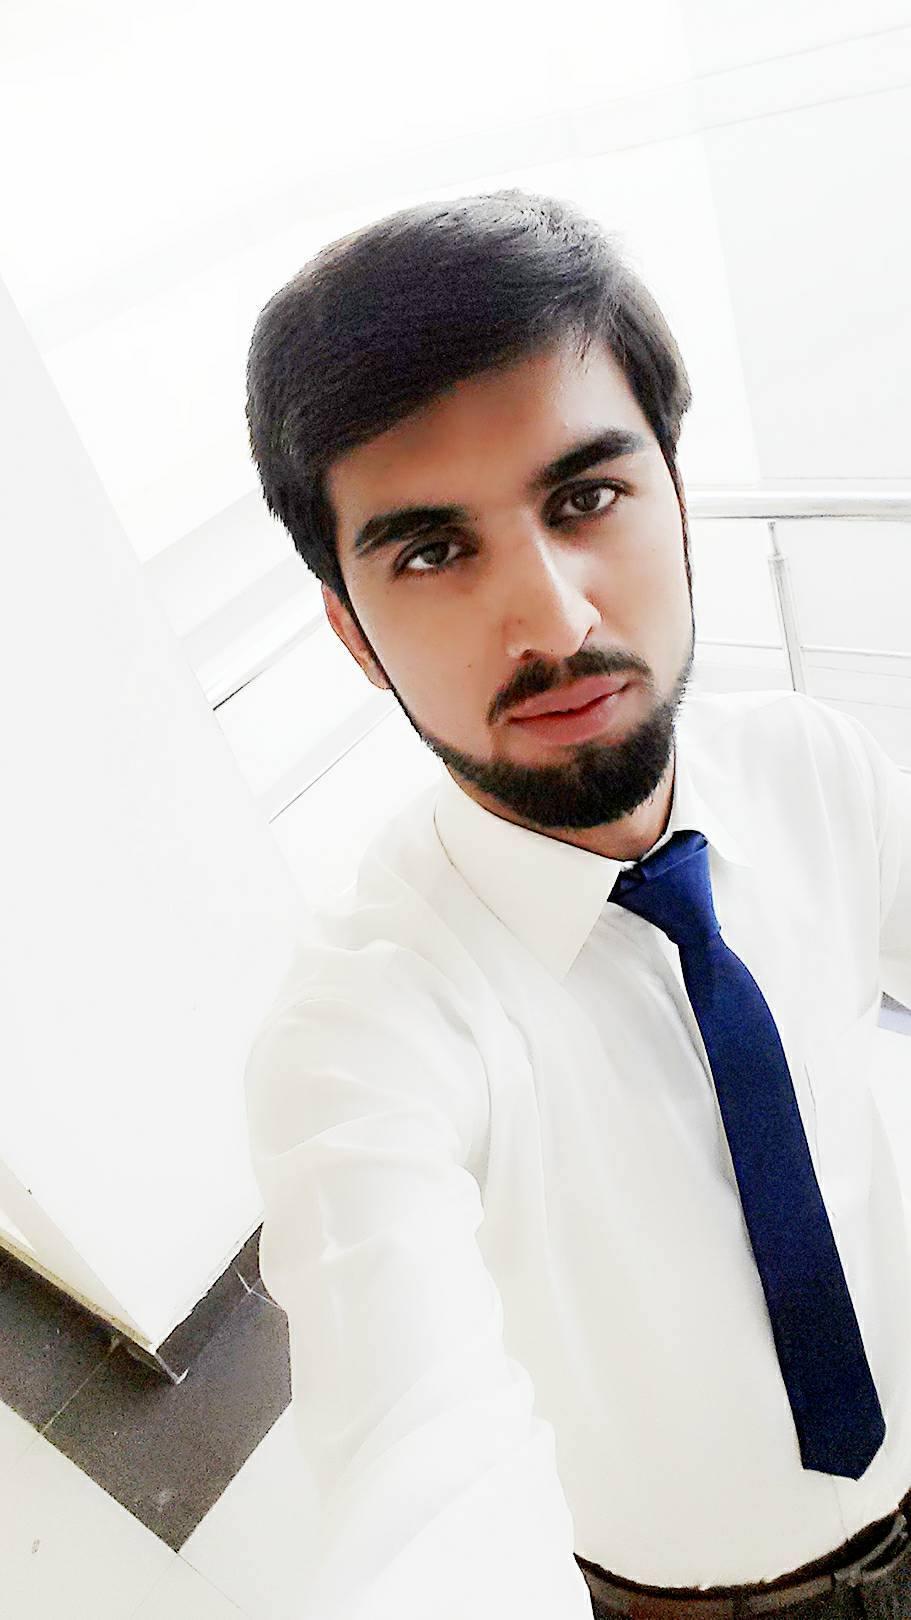 Muhammad Asim Habib